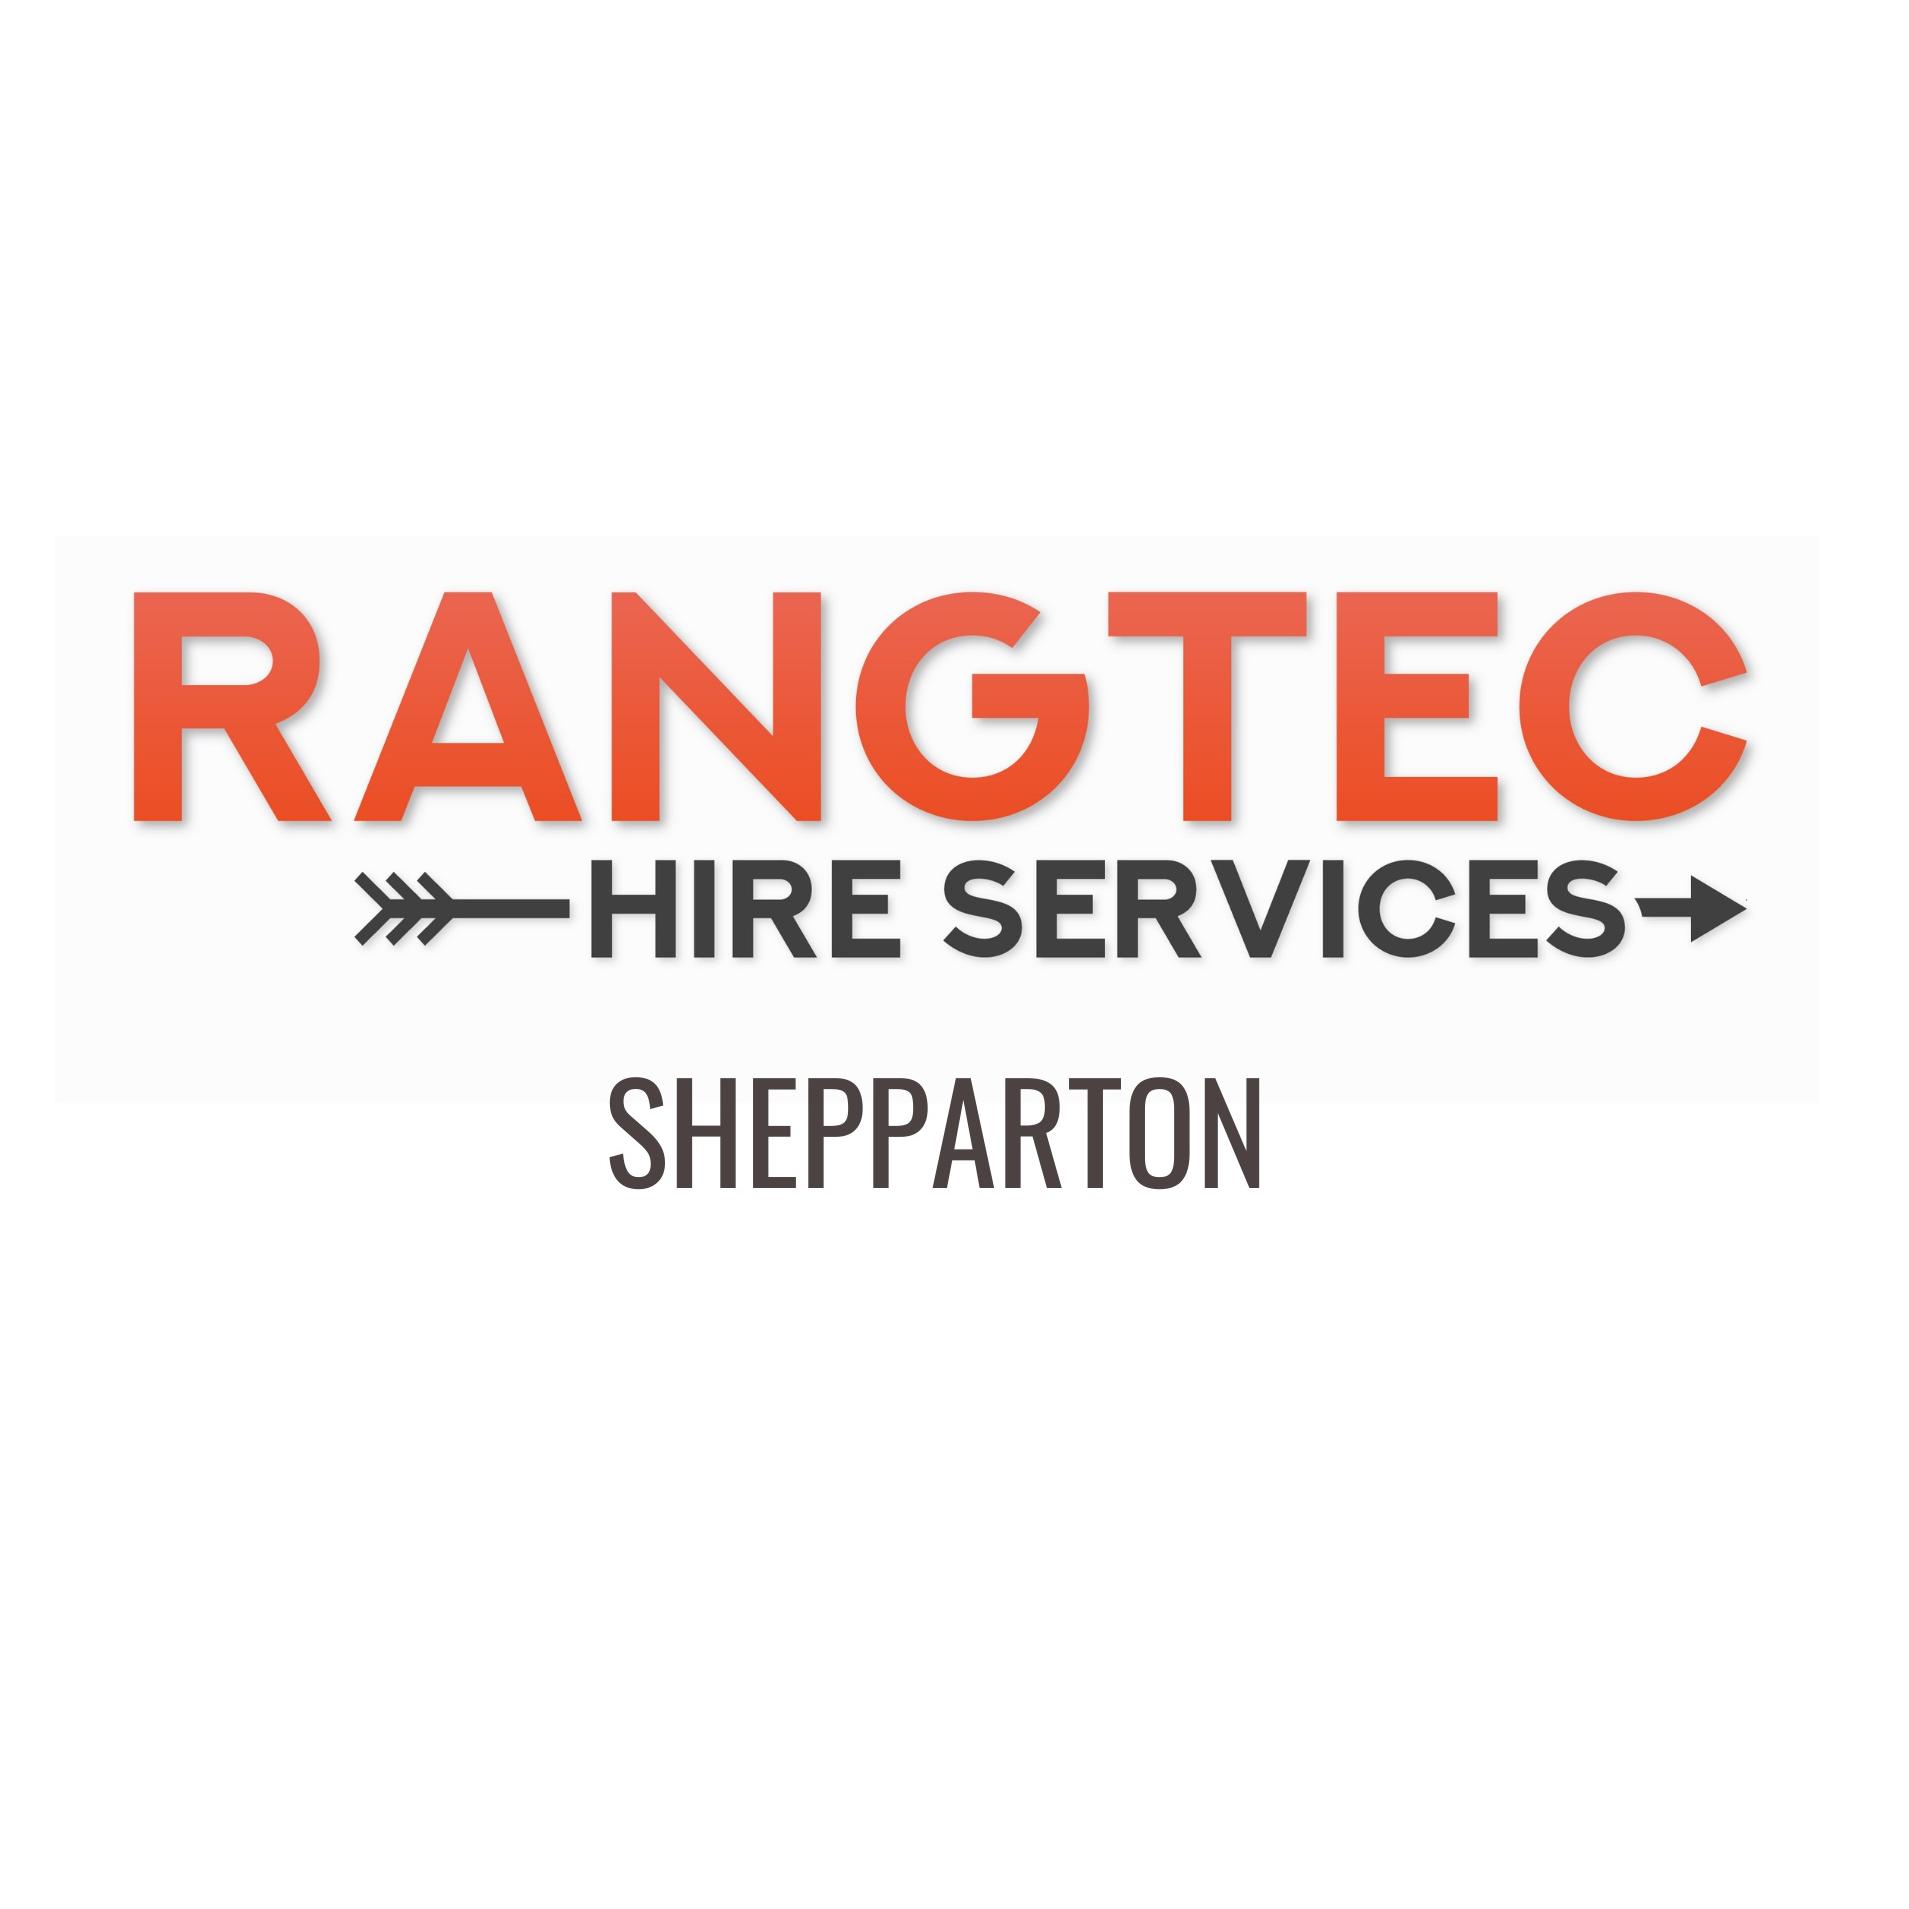 Rangtec Services